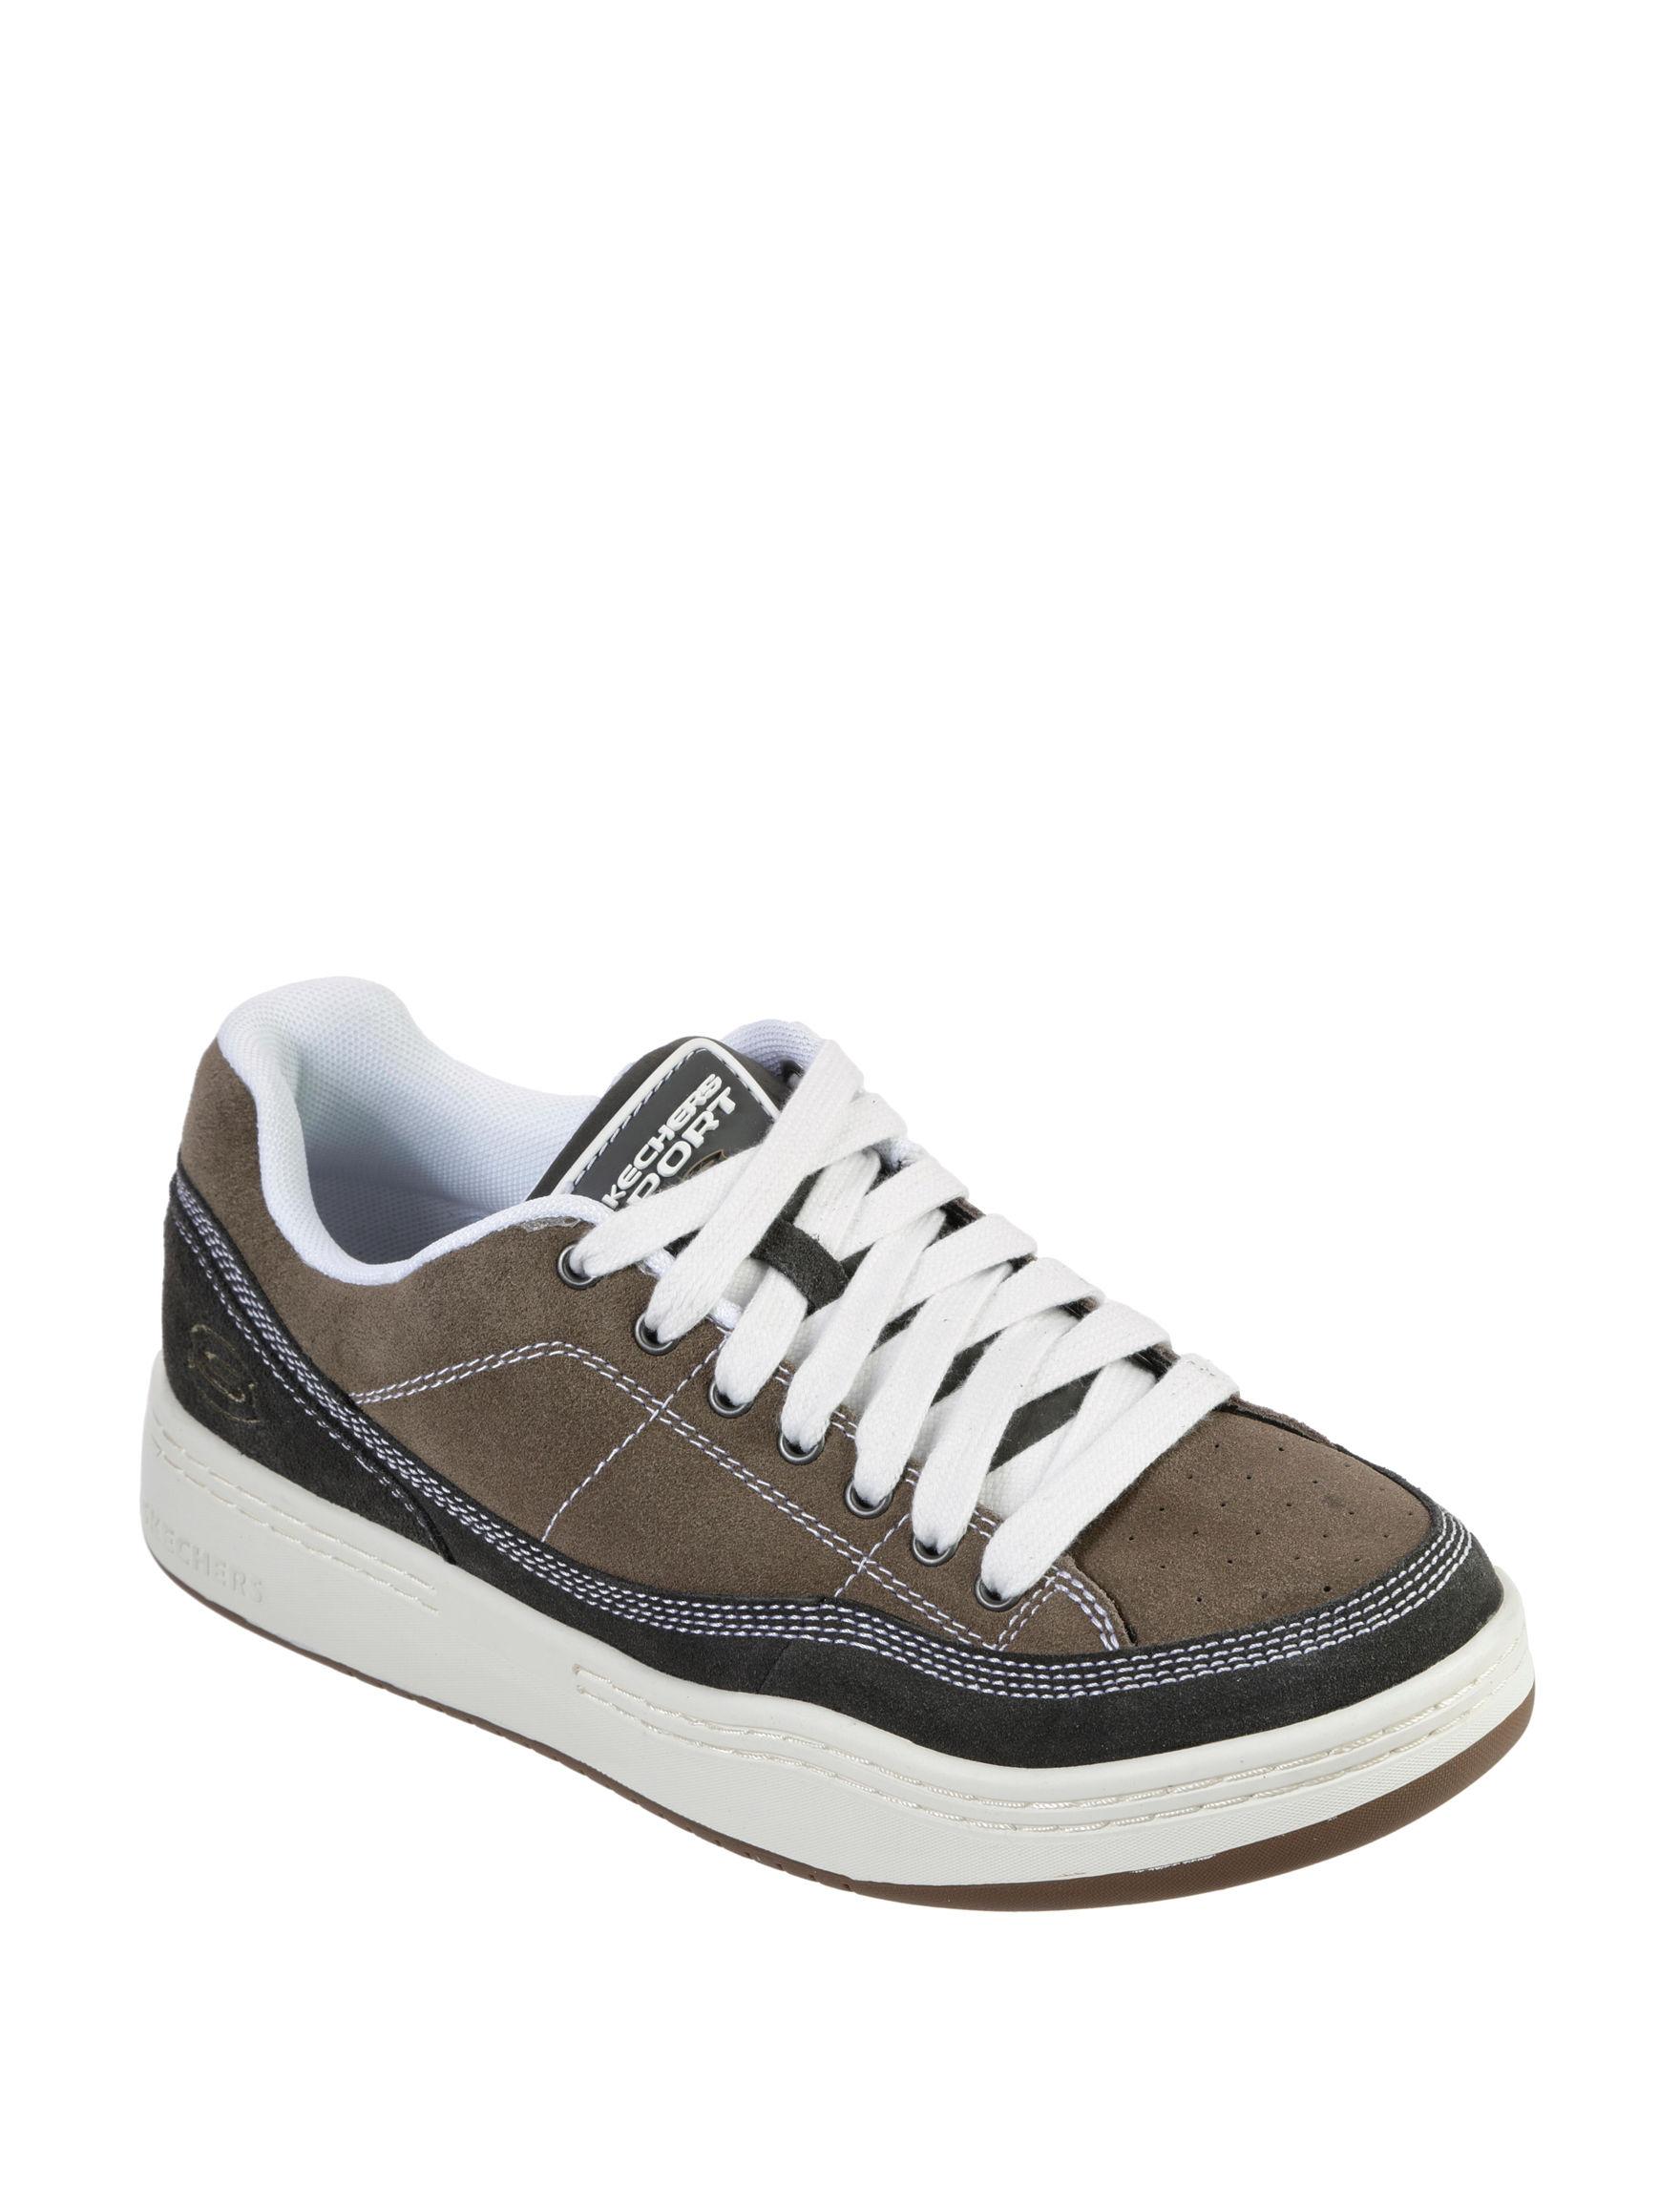 Skechers Brown Comfort Shoes